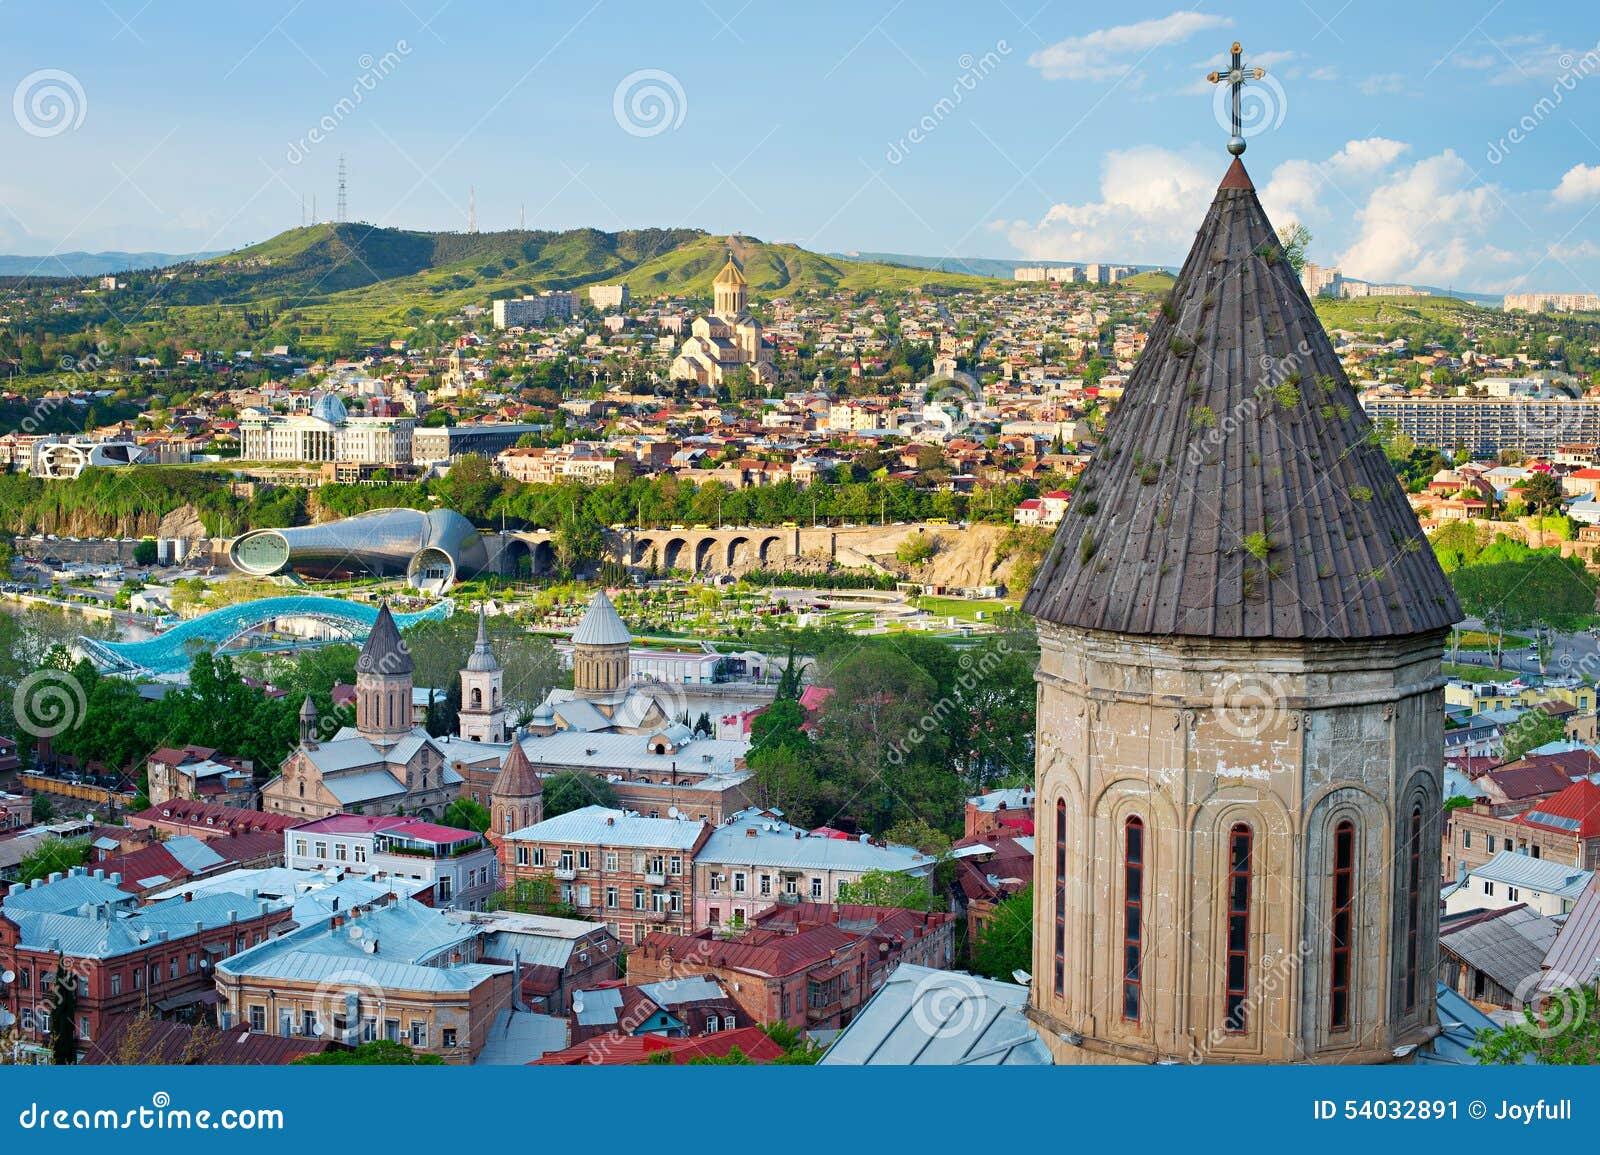 Tbilisi Tskneti Mountain Villa Tbilisi City Georgia: Tbilisi Skyline, Georgia Stock Photo